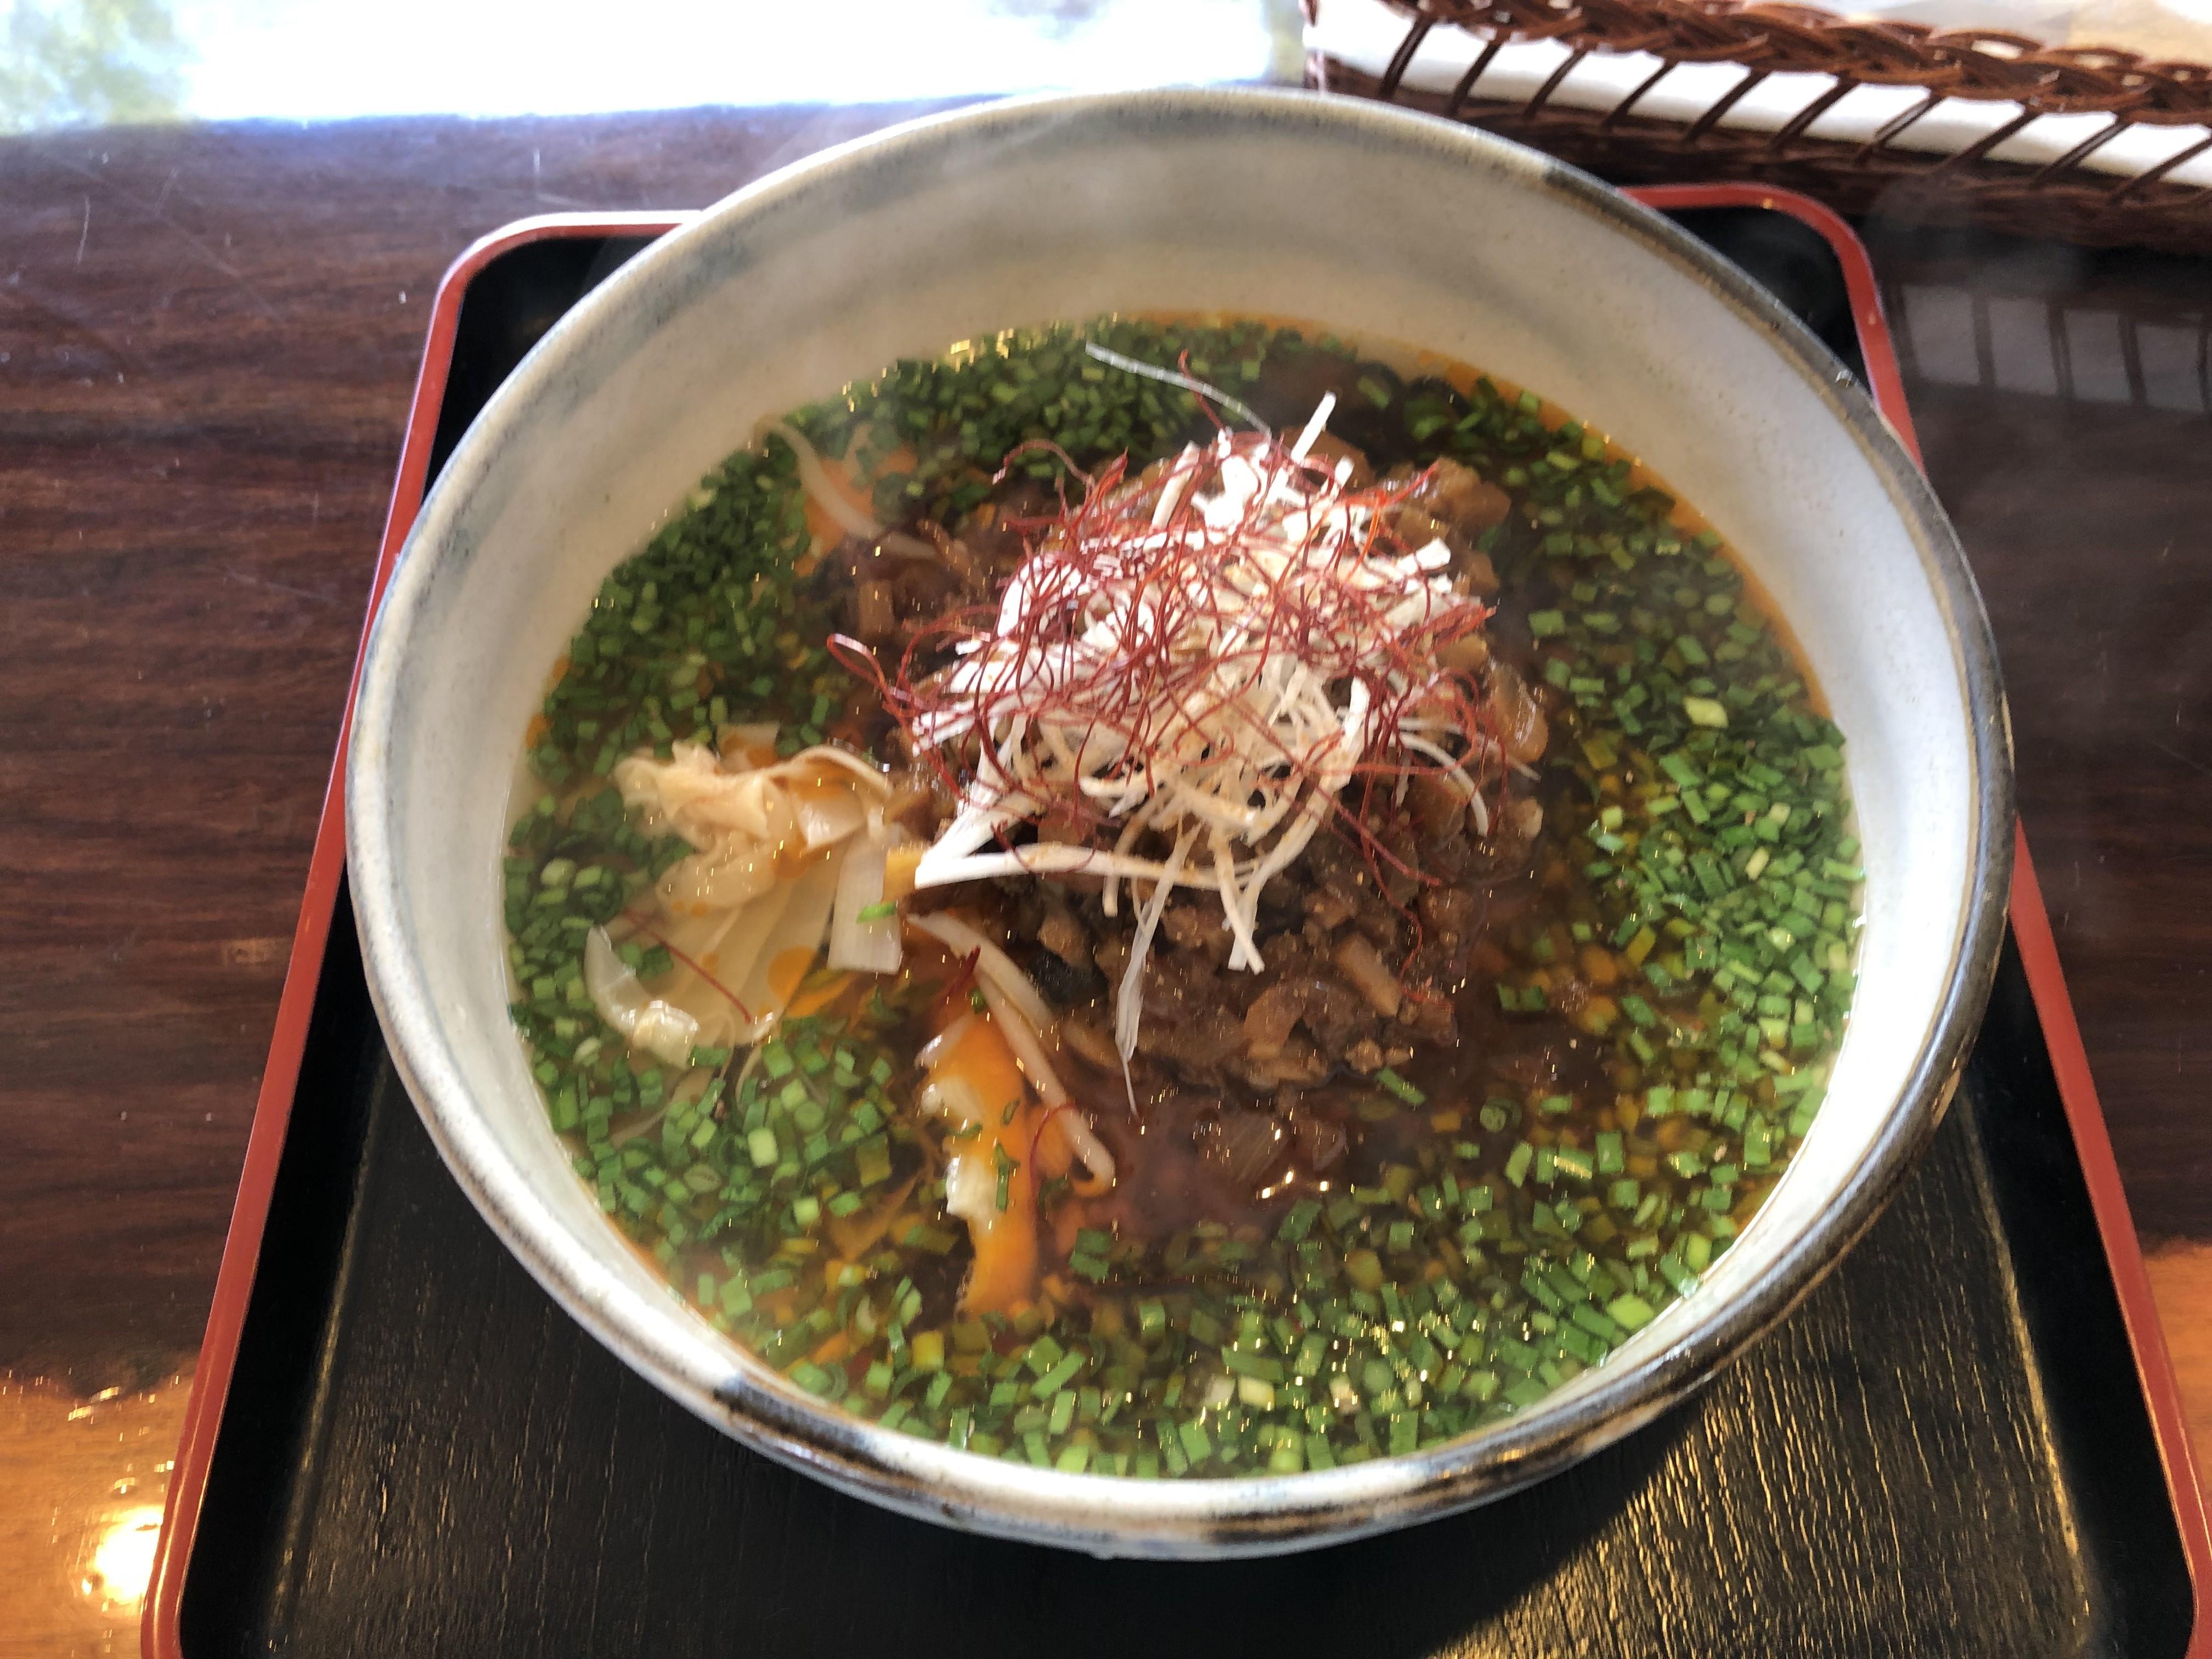 鹿沼市千渡にある隠れた名店「麺'sたぐち」に初訪問、山椒とラー油が食欲をそそるやみつきラーメン